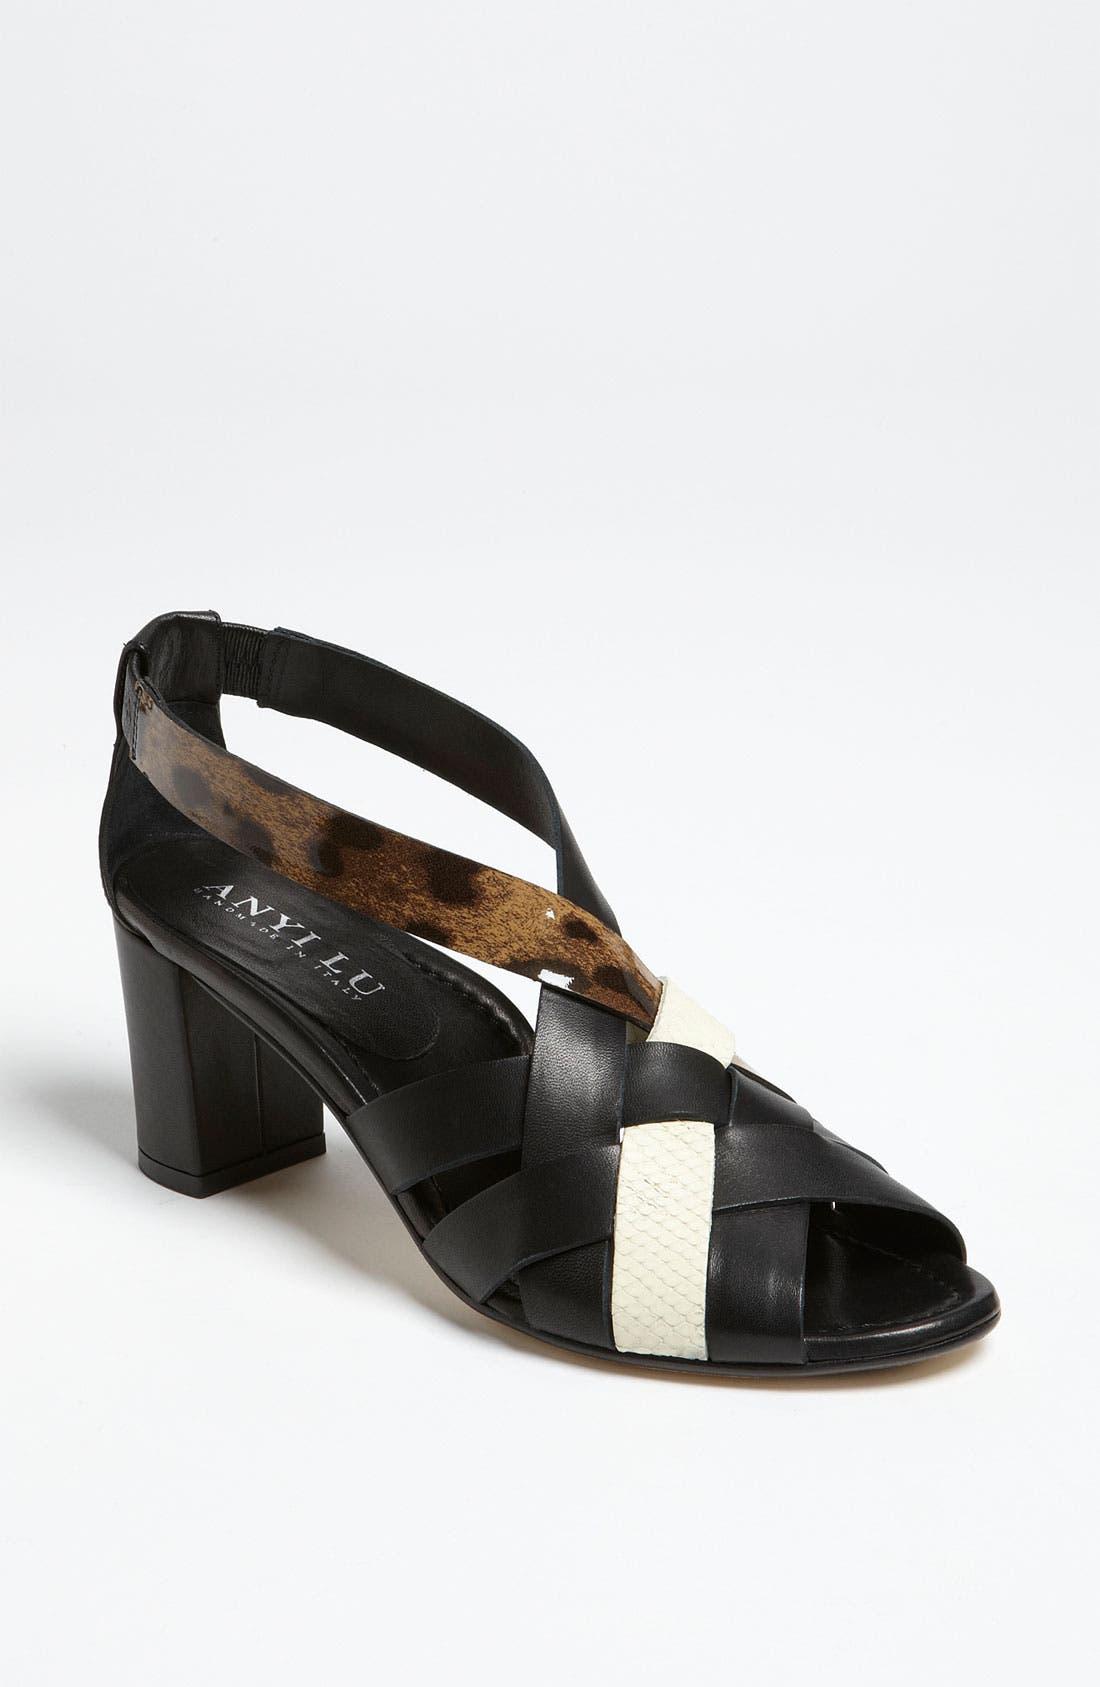 Alternate Image 1 Selected - Anyi Lu 'Mara' Sandal